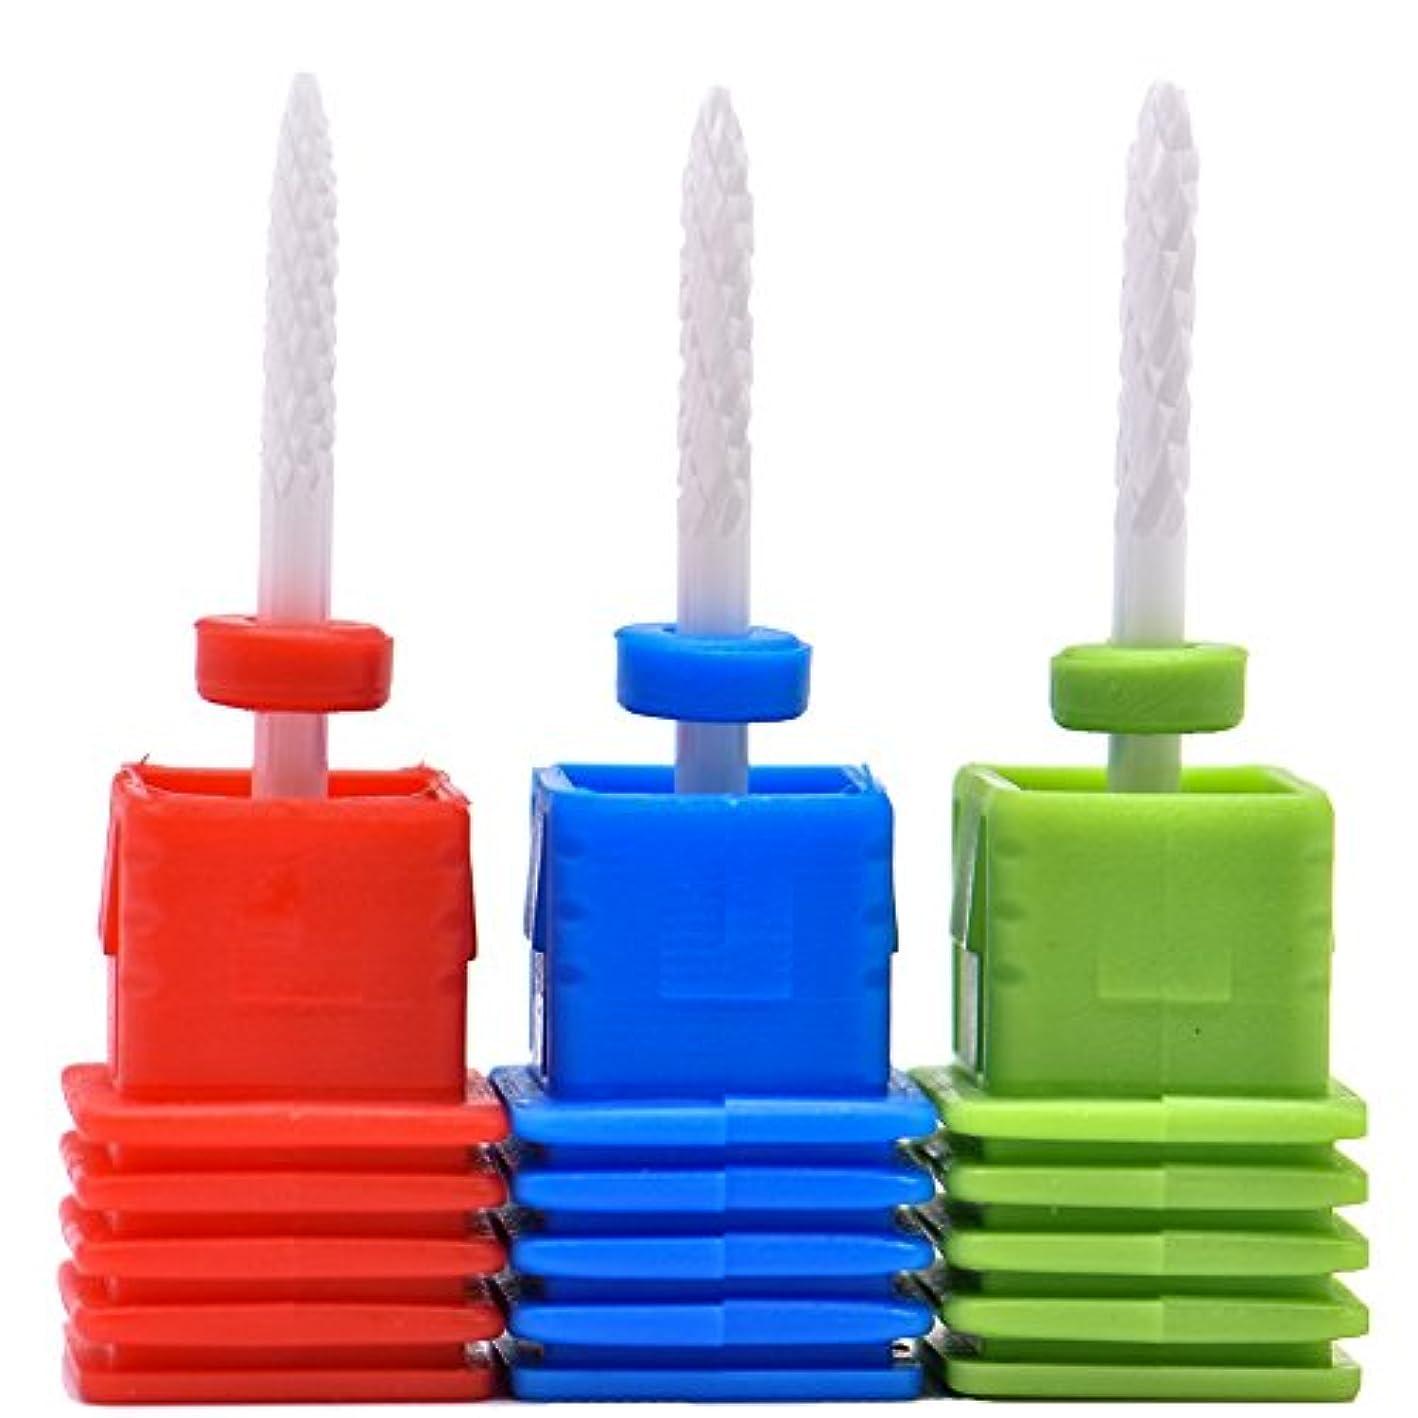 まっすぐ稼ぐれるOral Dentistry ネイルアート ドリルビット 細かい 研削ヘッド 研磨ヘッド ネイル グラインド ヘッド 爪 磨き 研磨 研削 セラミック 全3色 (レッドF(微研削)+ブルーM(中仕上げ)+グリーンC(粗研削))